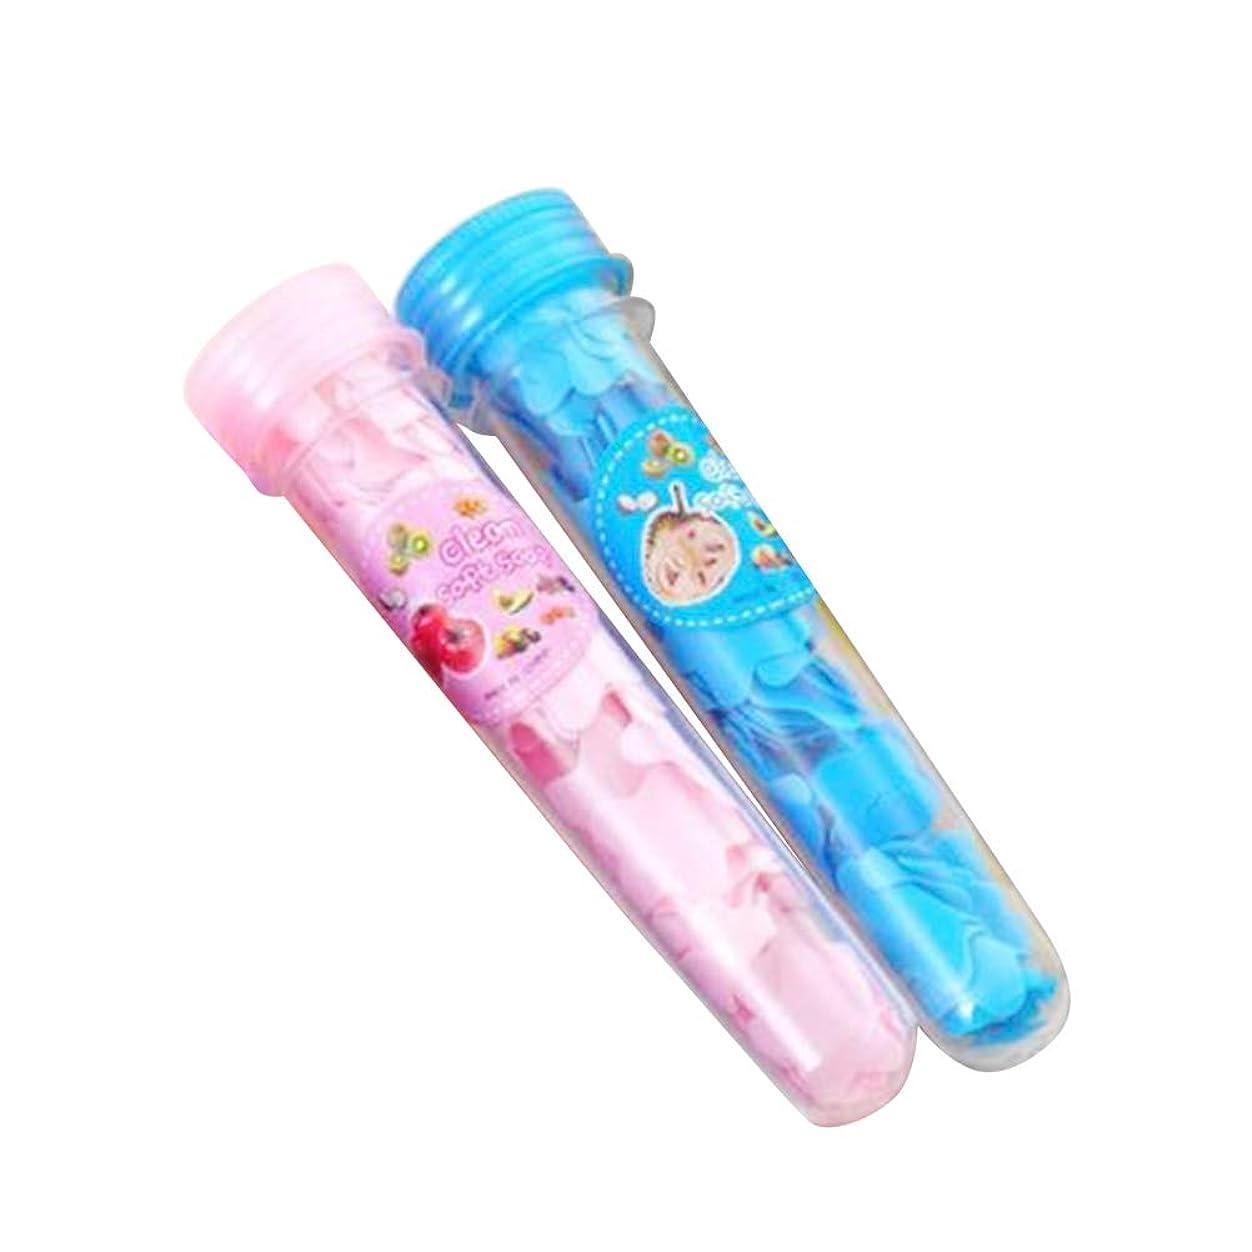 置くためにパックルームズームSUPVOX 2ピース乾燥石鹸の葉発泡ボックス紙石鹸フレーク洗濯ハンドバスソープスライドシートランダムカラー